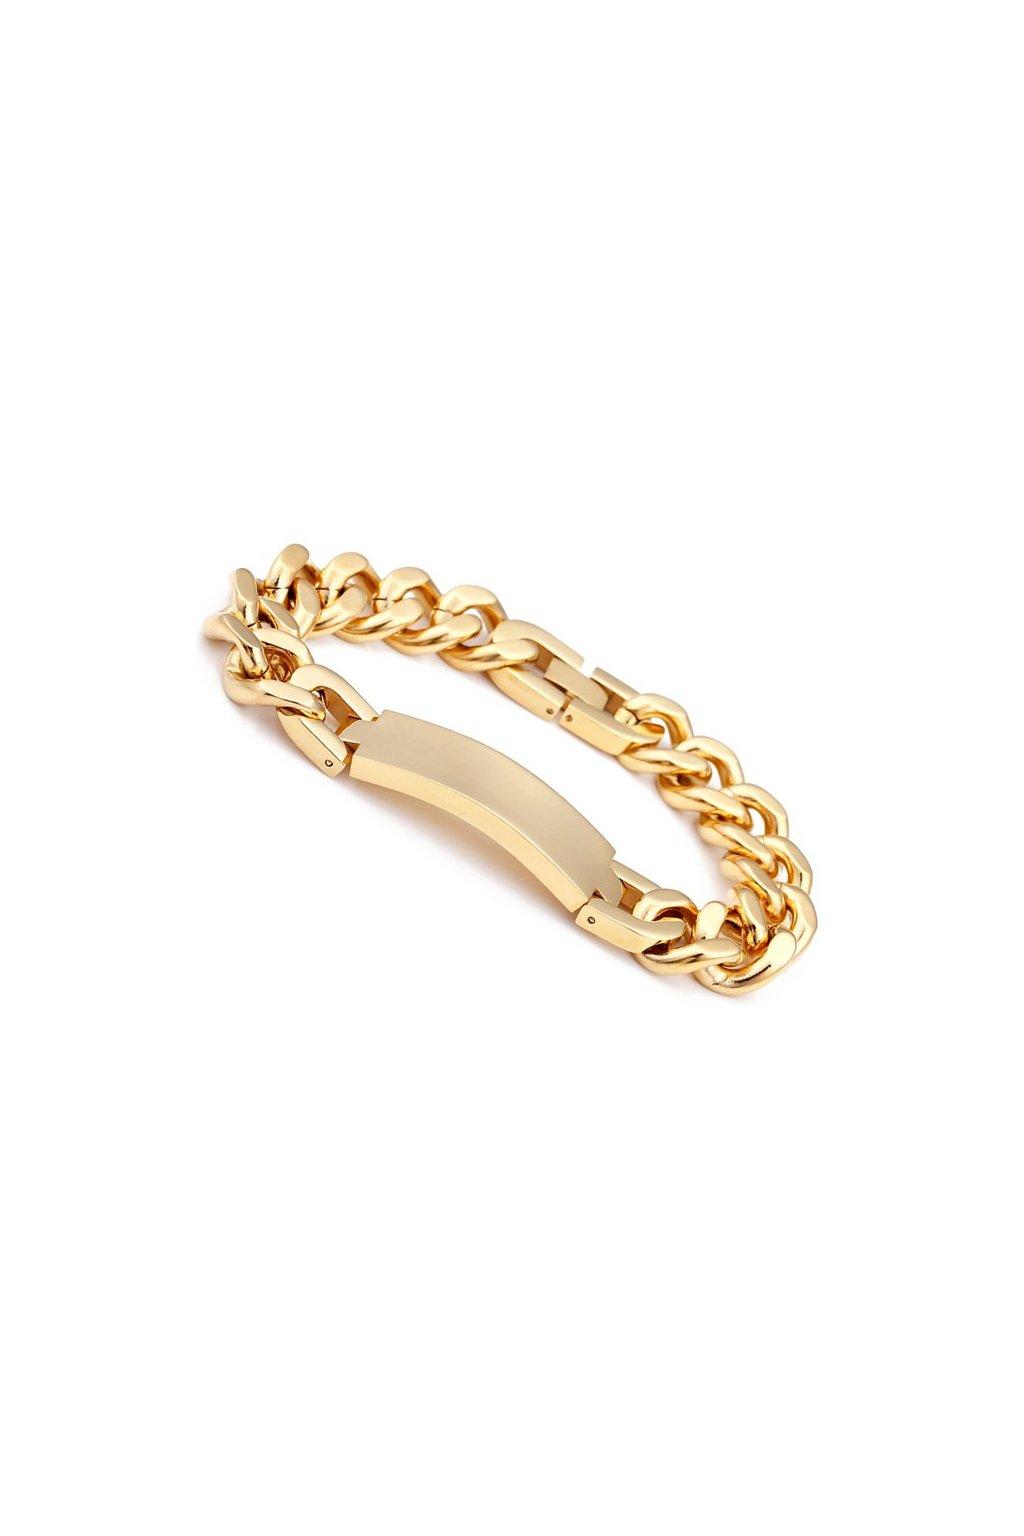 bab76cdd7 Pánsky zlatý náramok z chirurgickej ocele 33536 - Tentation.sk